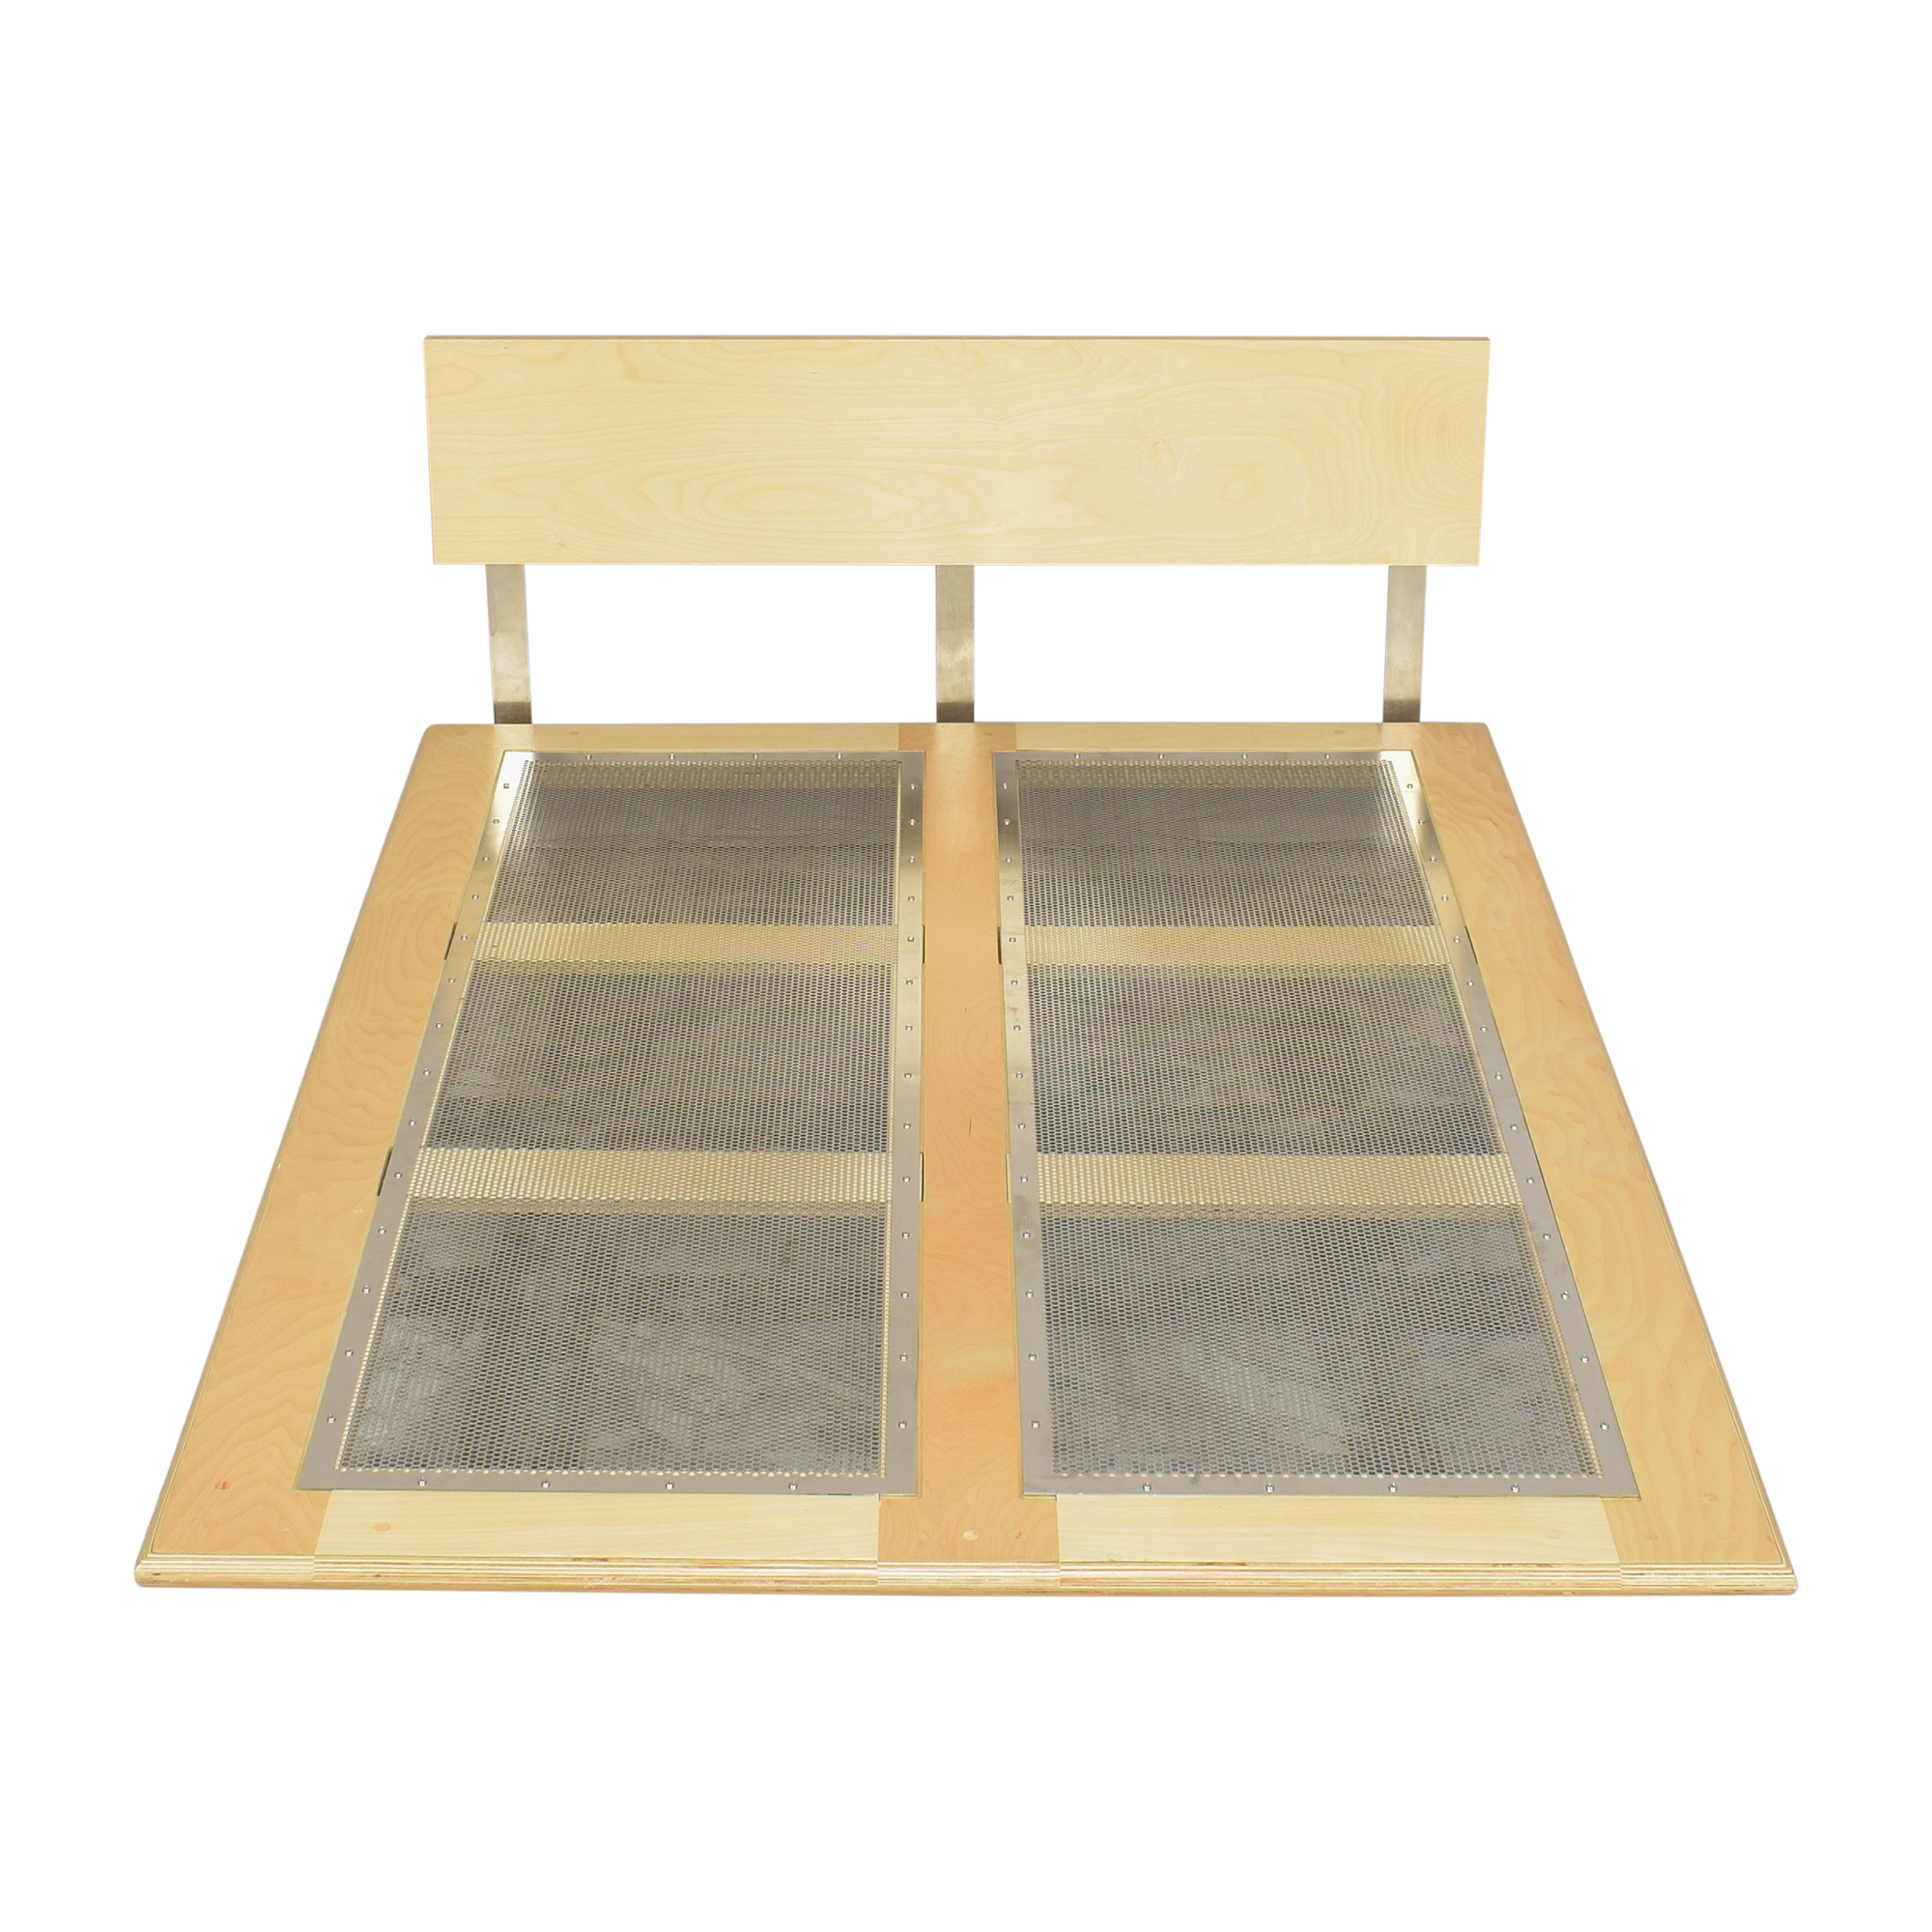 Modernica Modernica Case Study Furniture V Leg Full Bed coupon